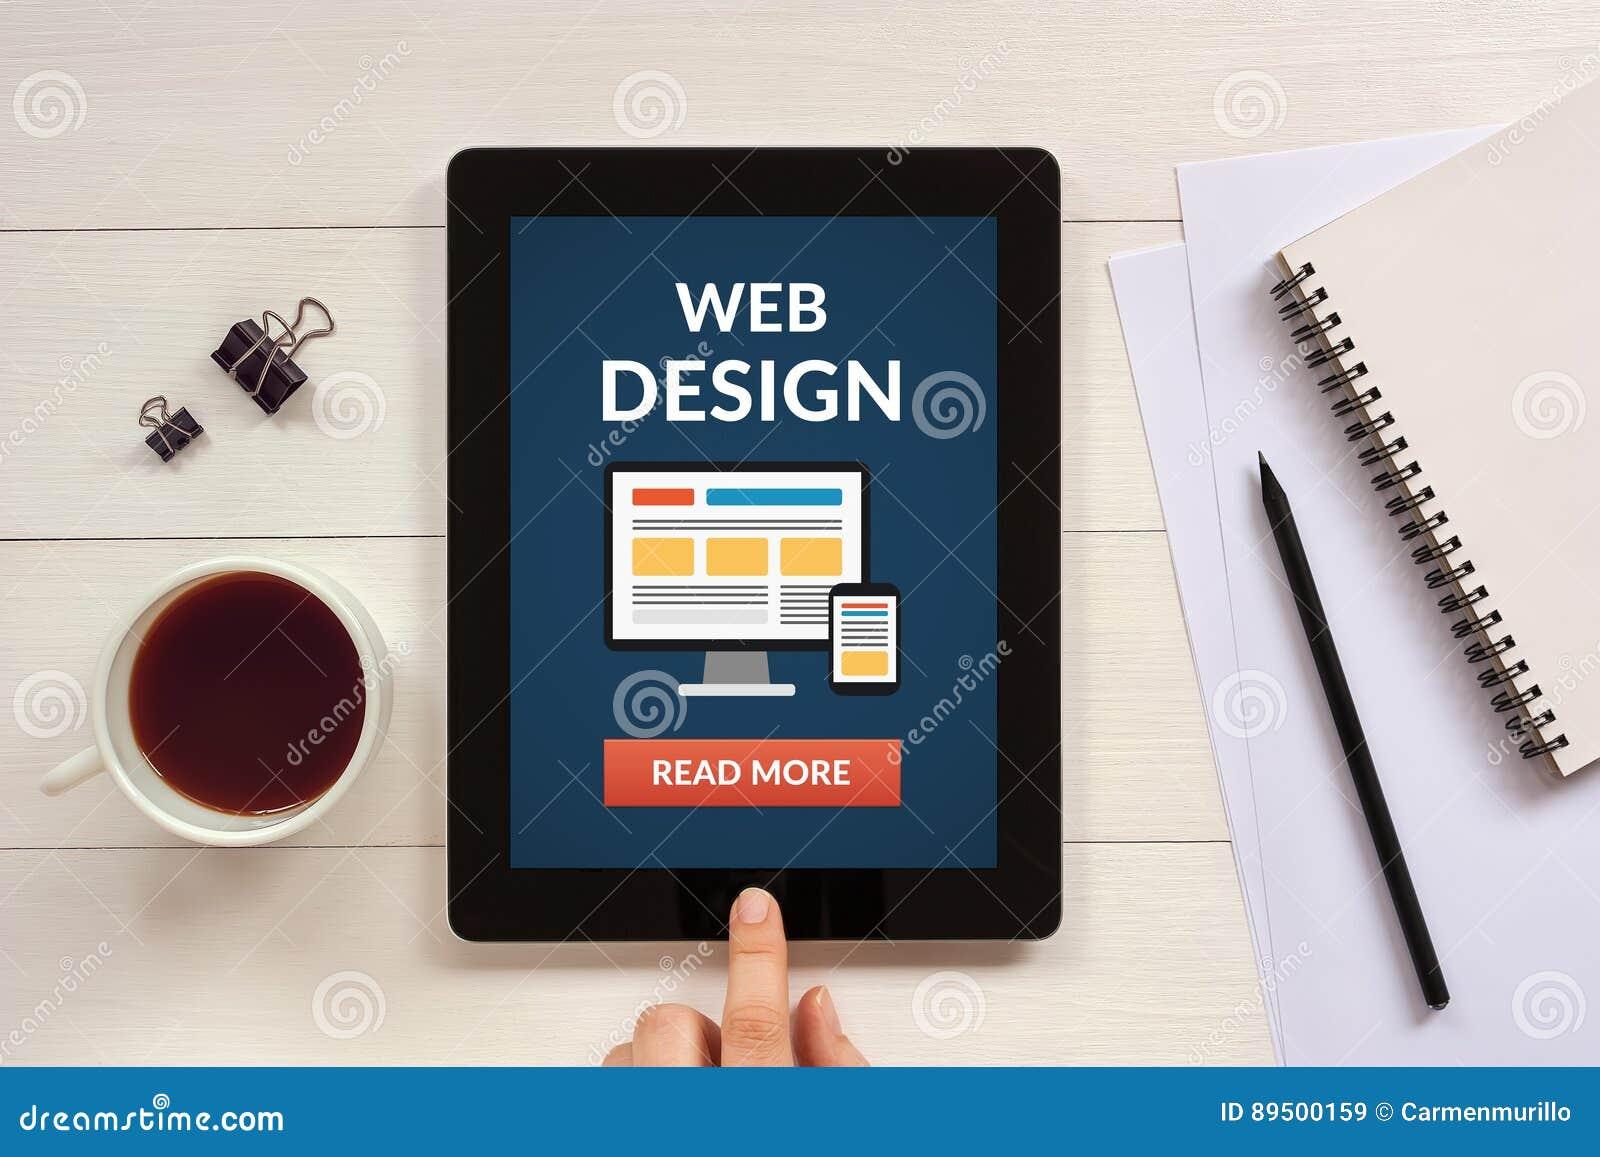 Web Design And Development Concept White Office Desk